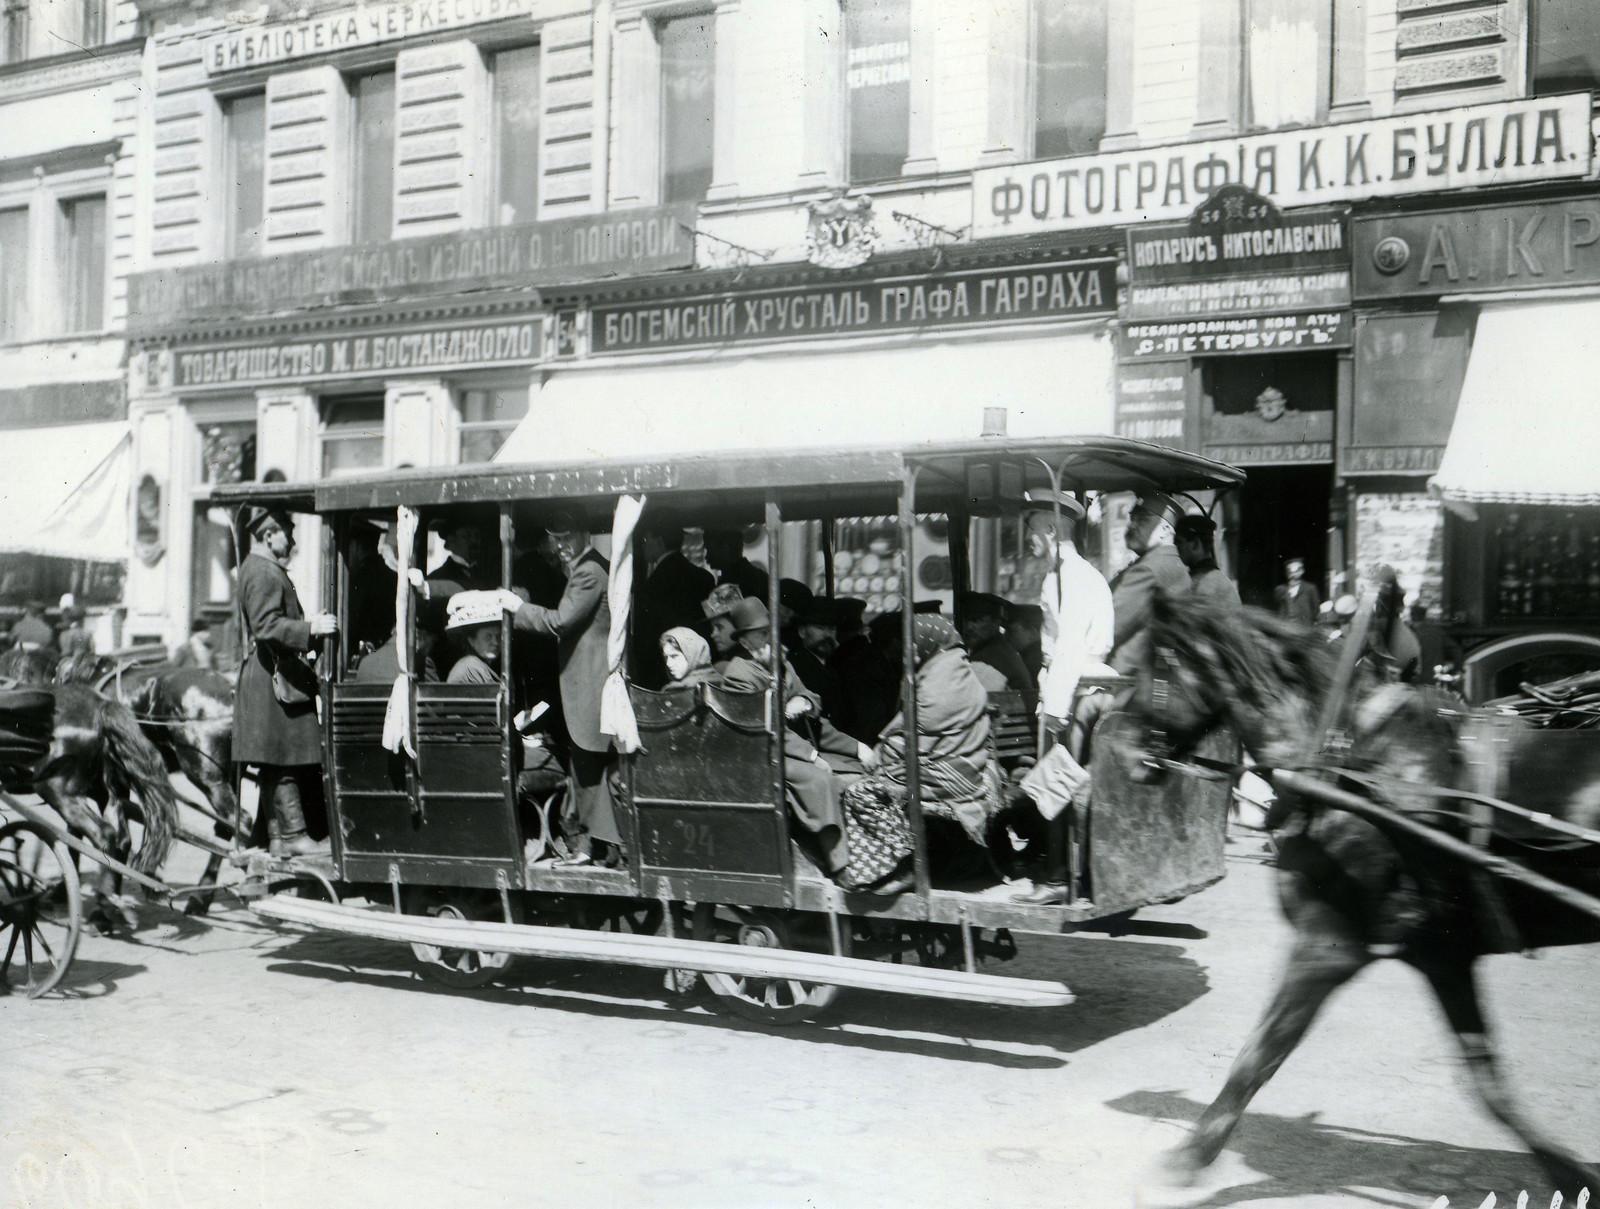 1908. Омнибус на Невском проспекте